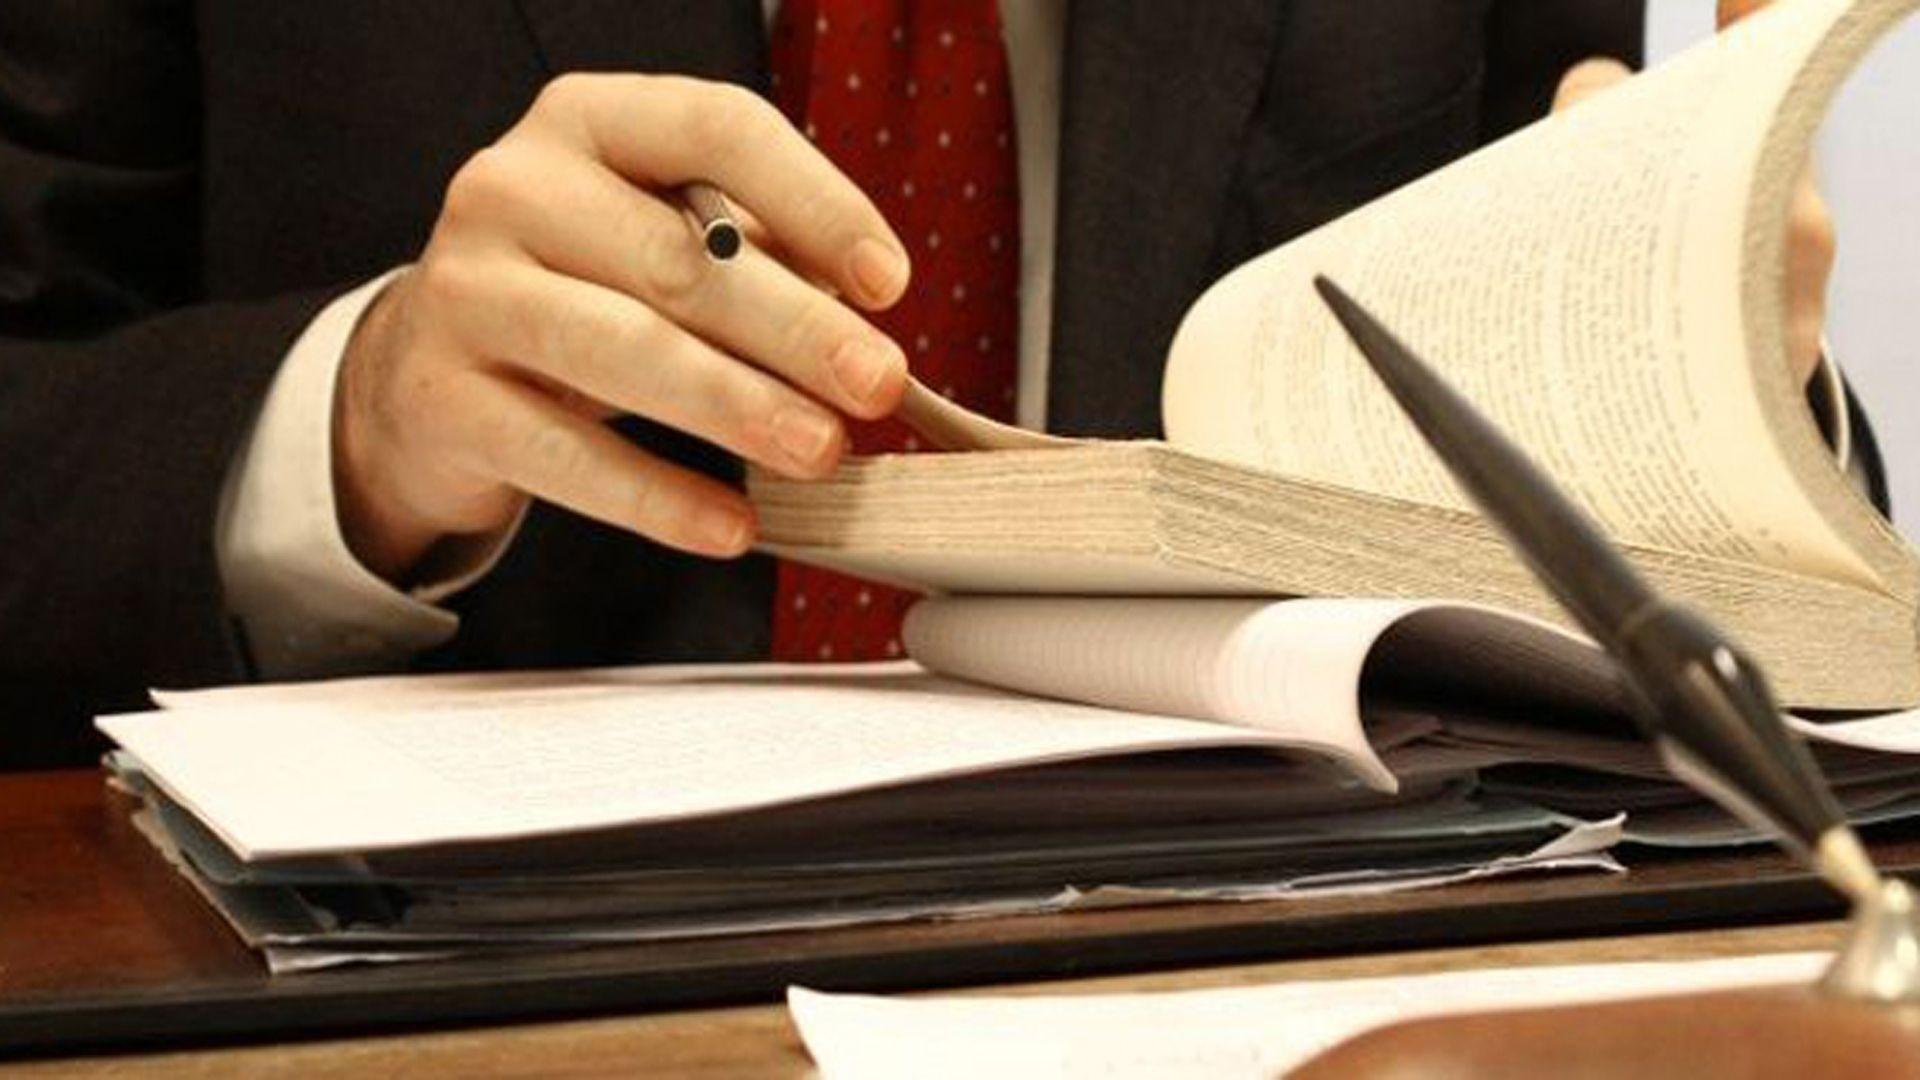 Asesoría jurídica, abogados en Zamora